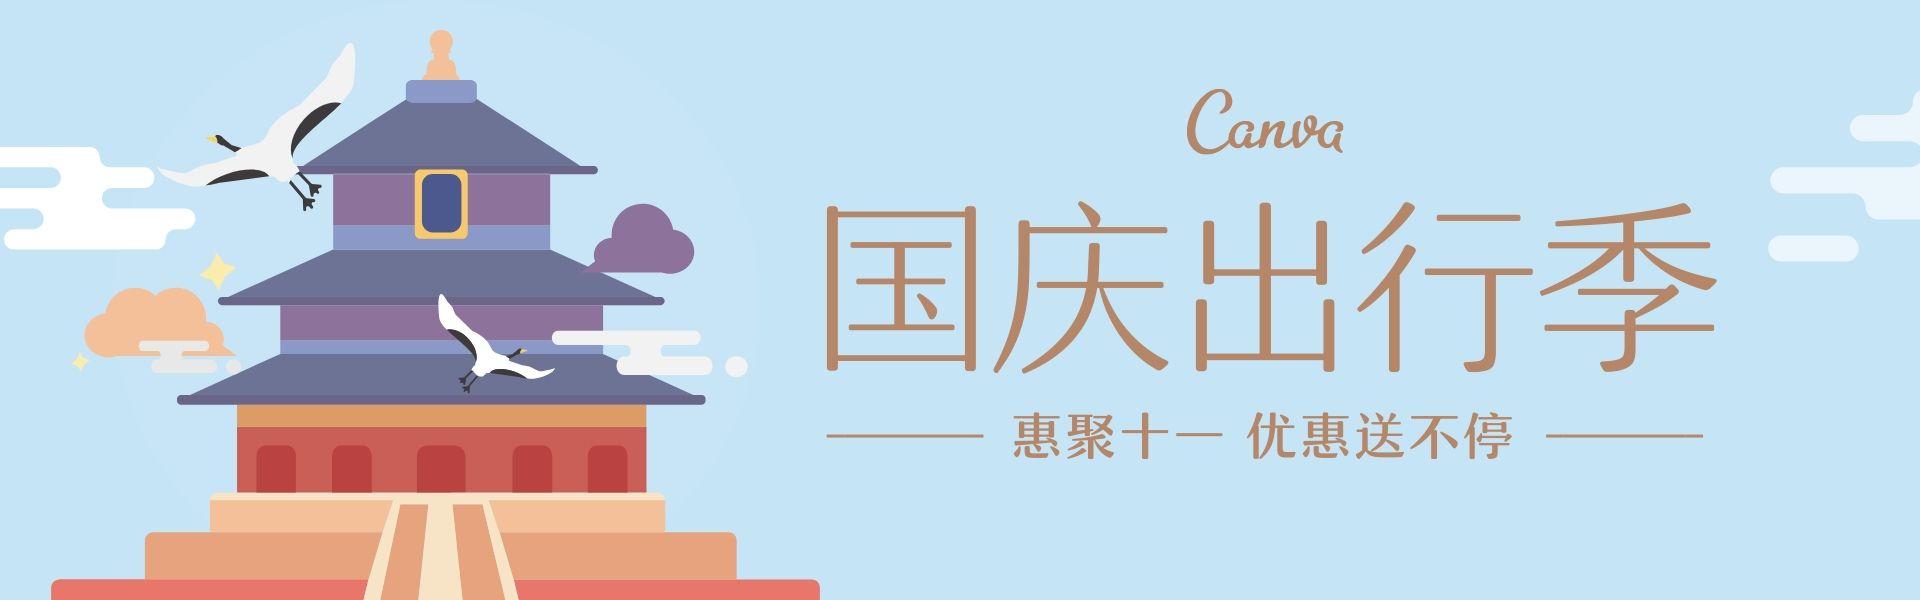 国庆节电商Banner